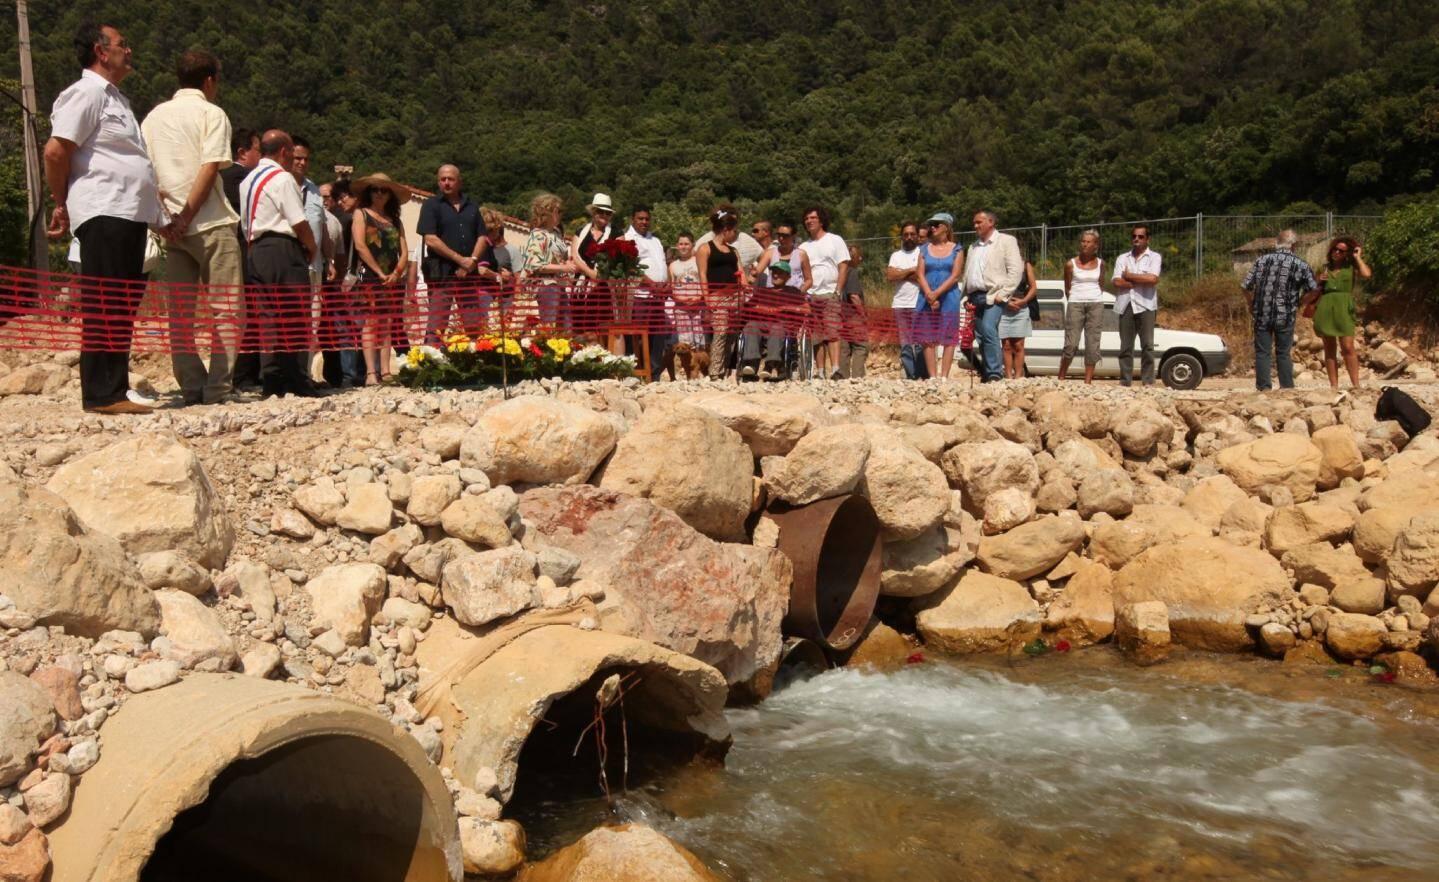 Hier à Draguignan, la cérémonie commémorative de la catastrophe meurtrière du 15 juin 2010 a rassemblé dans l'émotion les familles des victimes, des représentants de l'É tat, des services de secours et de la sécurité, des élus et de nombreux habitants de la Dracénie.